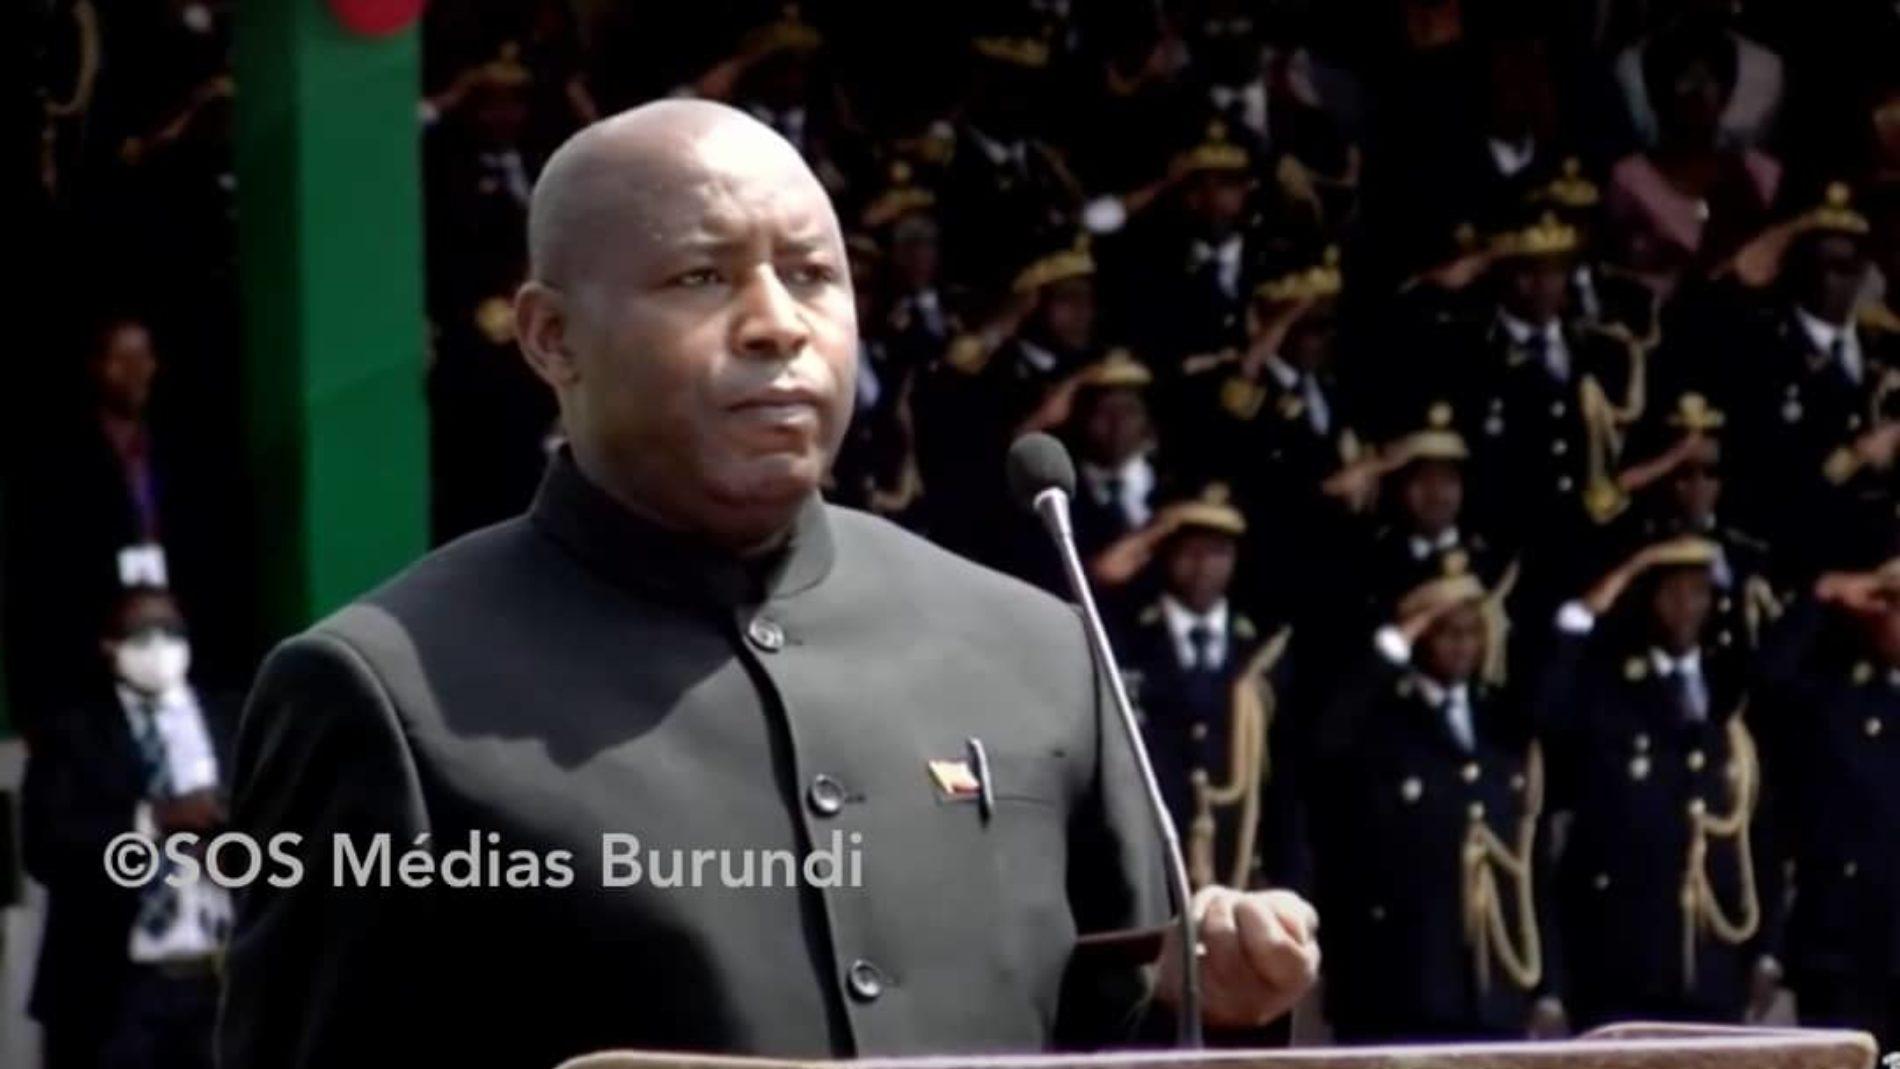 Burundi : Human Rights Watch  félicite le Burundi sur les mesures prises pour endiguer le Covid-19 et  demande au gouvernement de prioriser la question des droits de l'homme